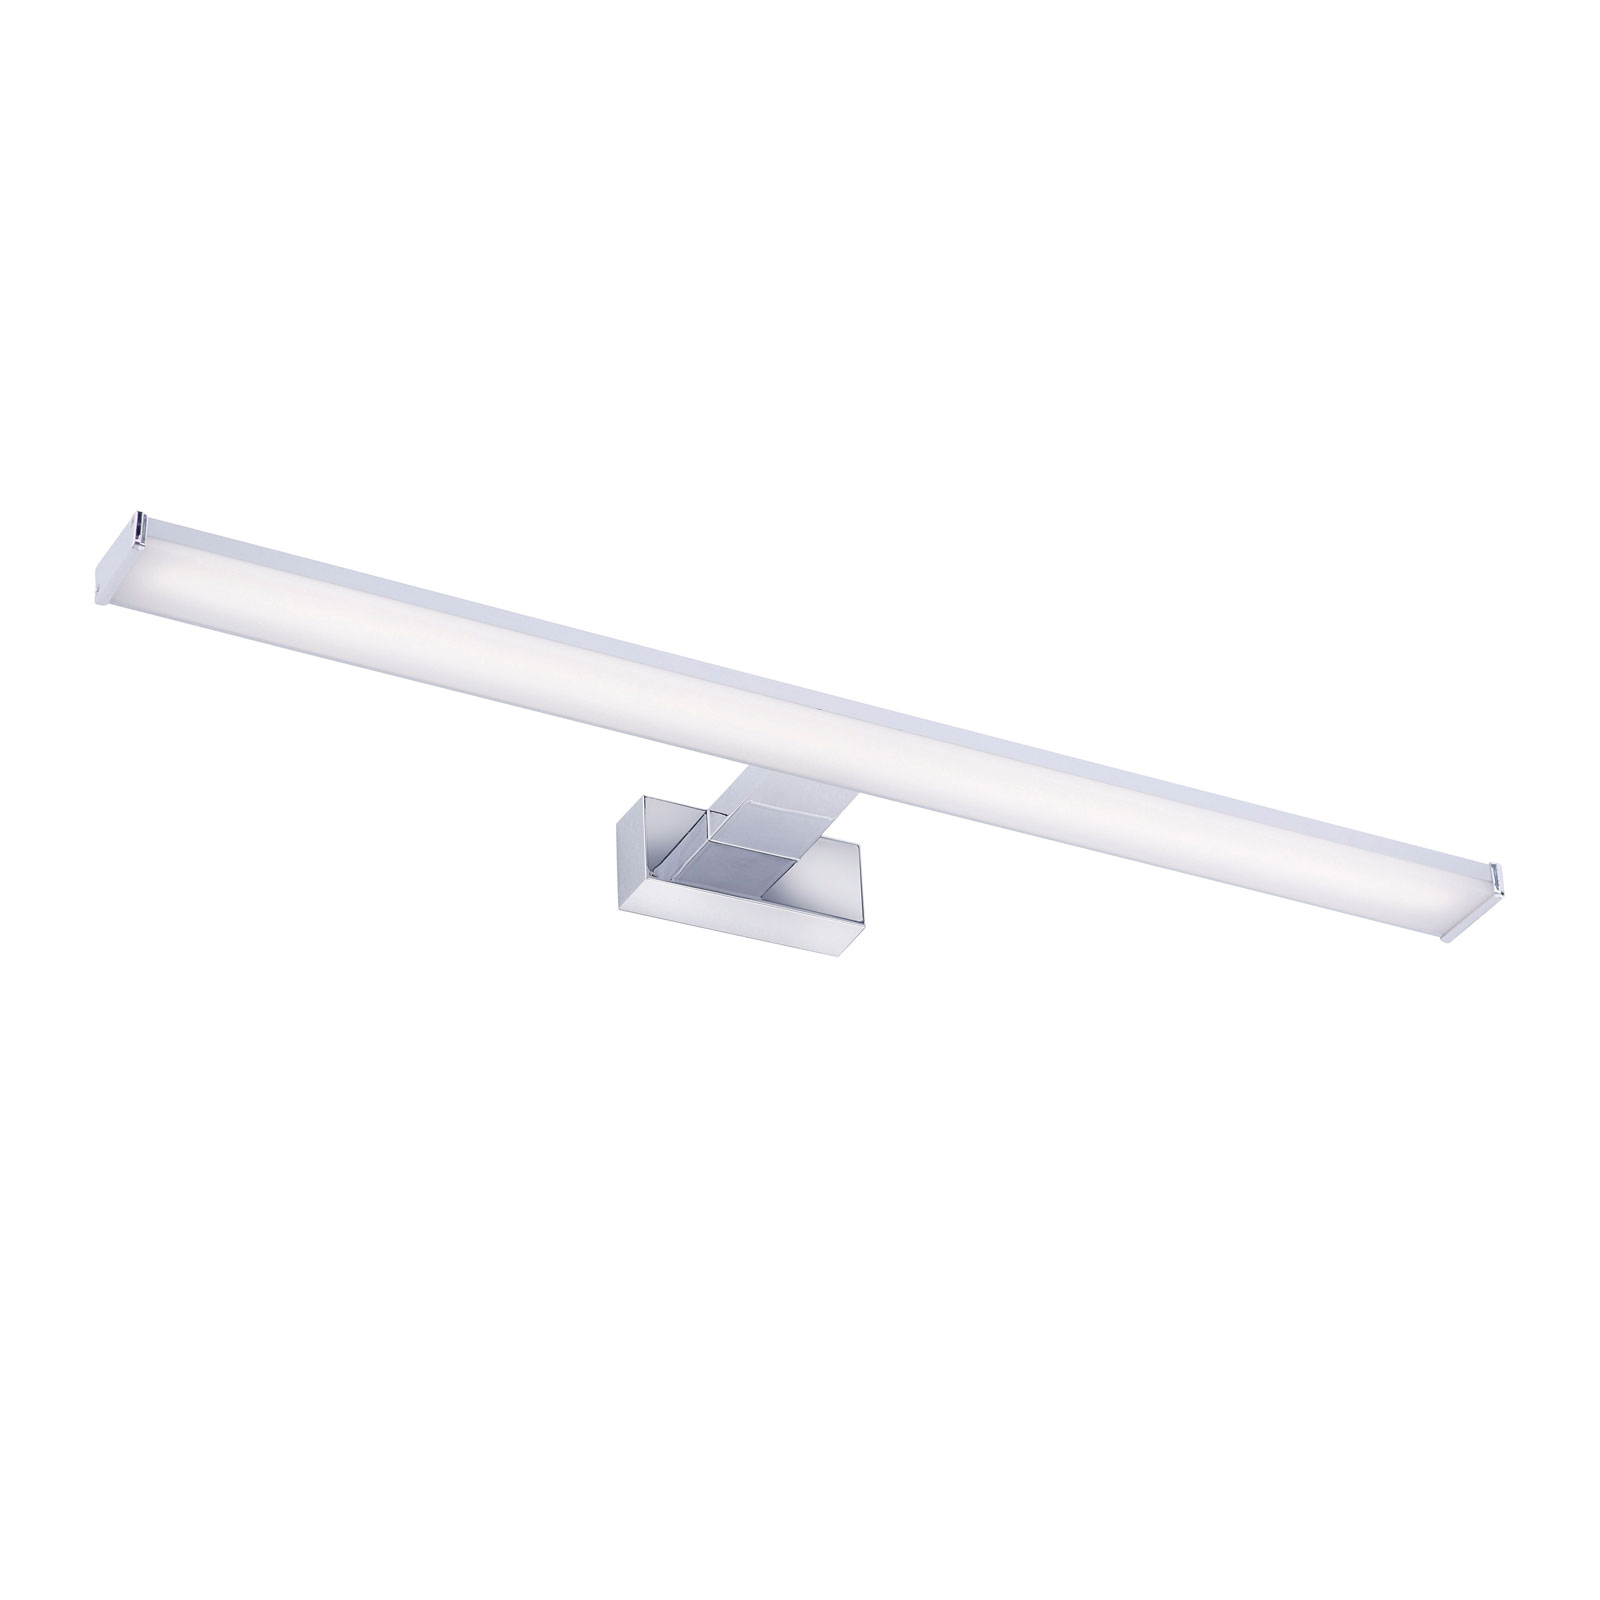 Applique pour miroir LED Mattis, 60cm